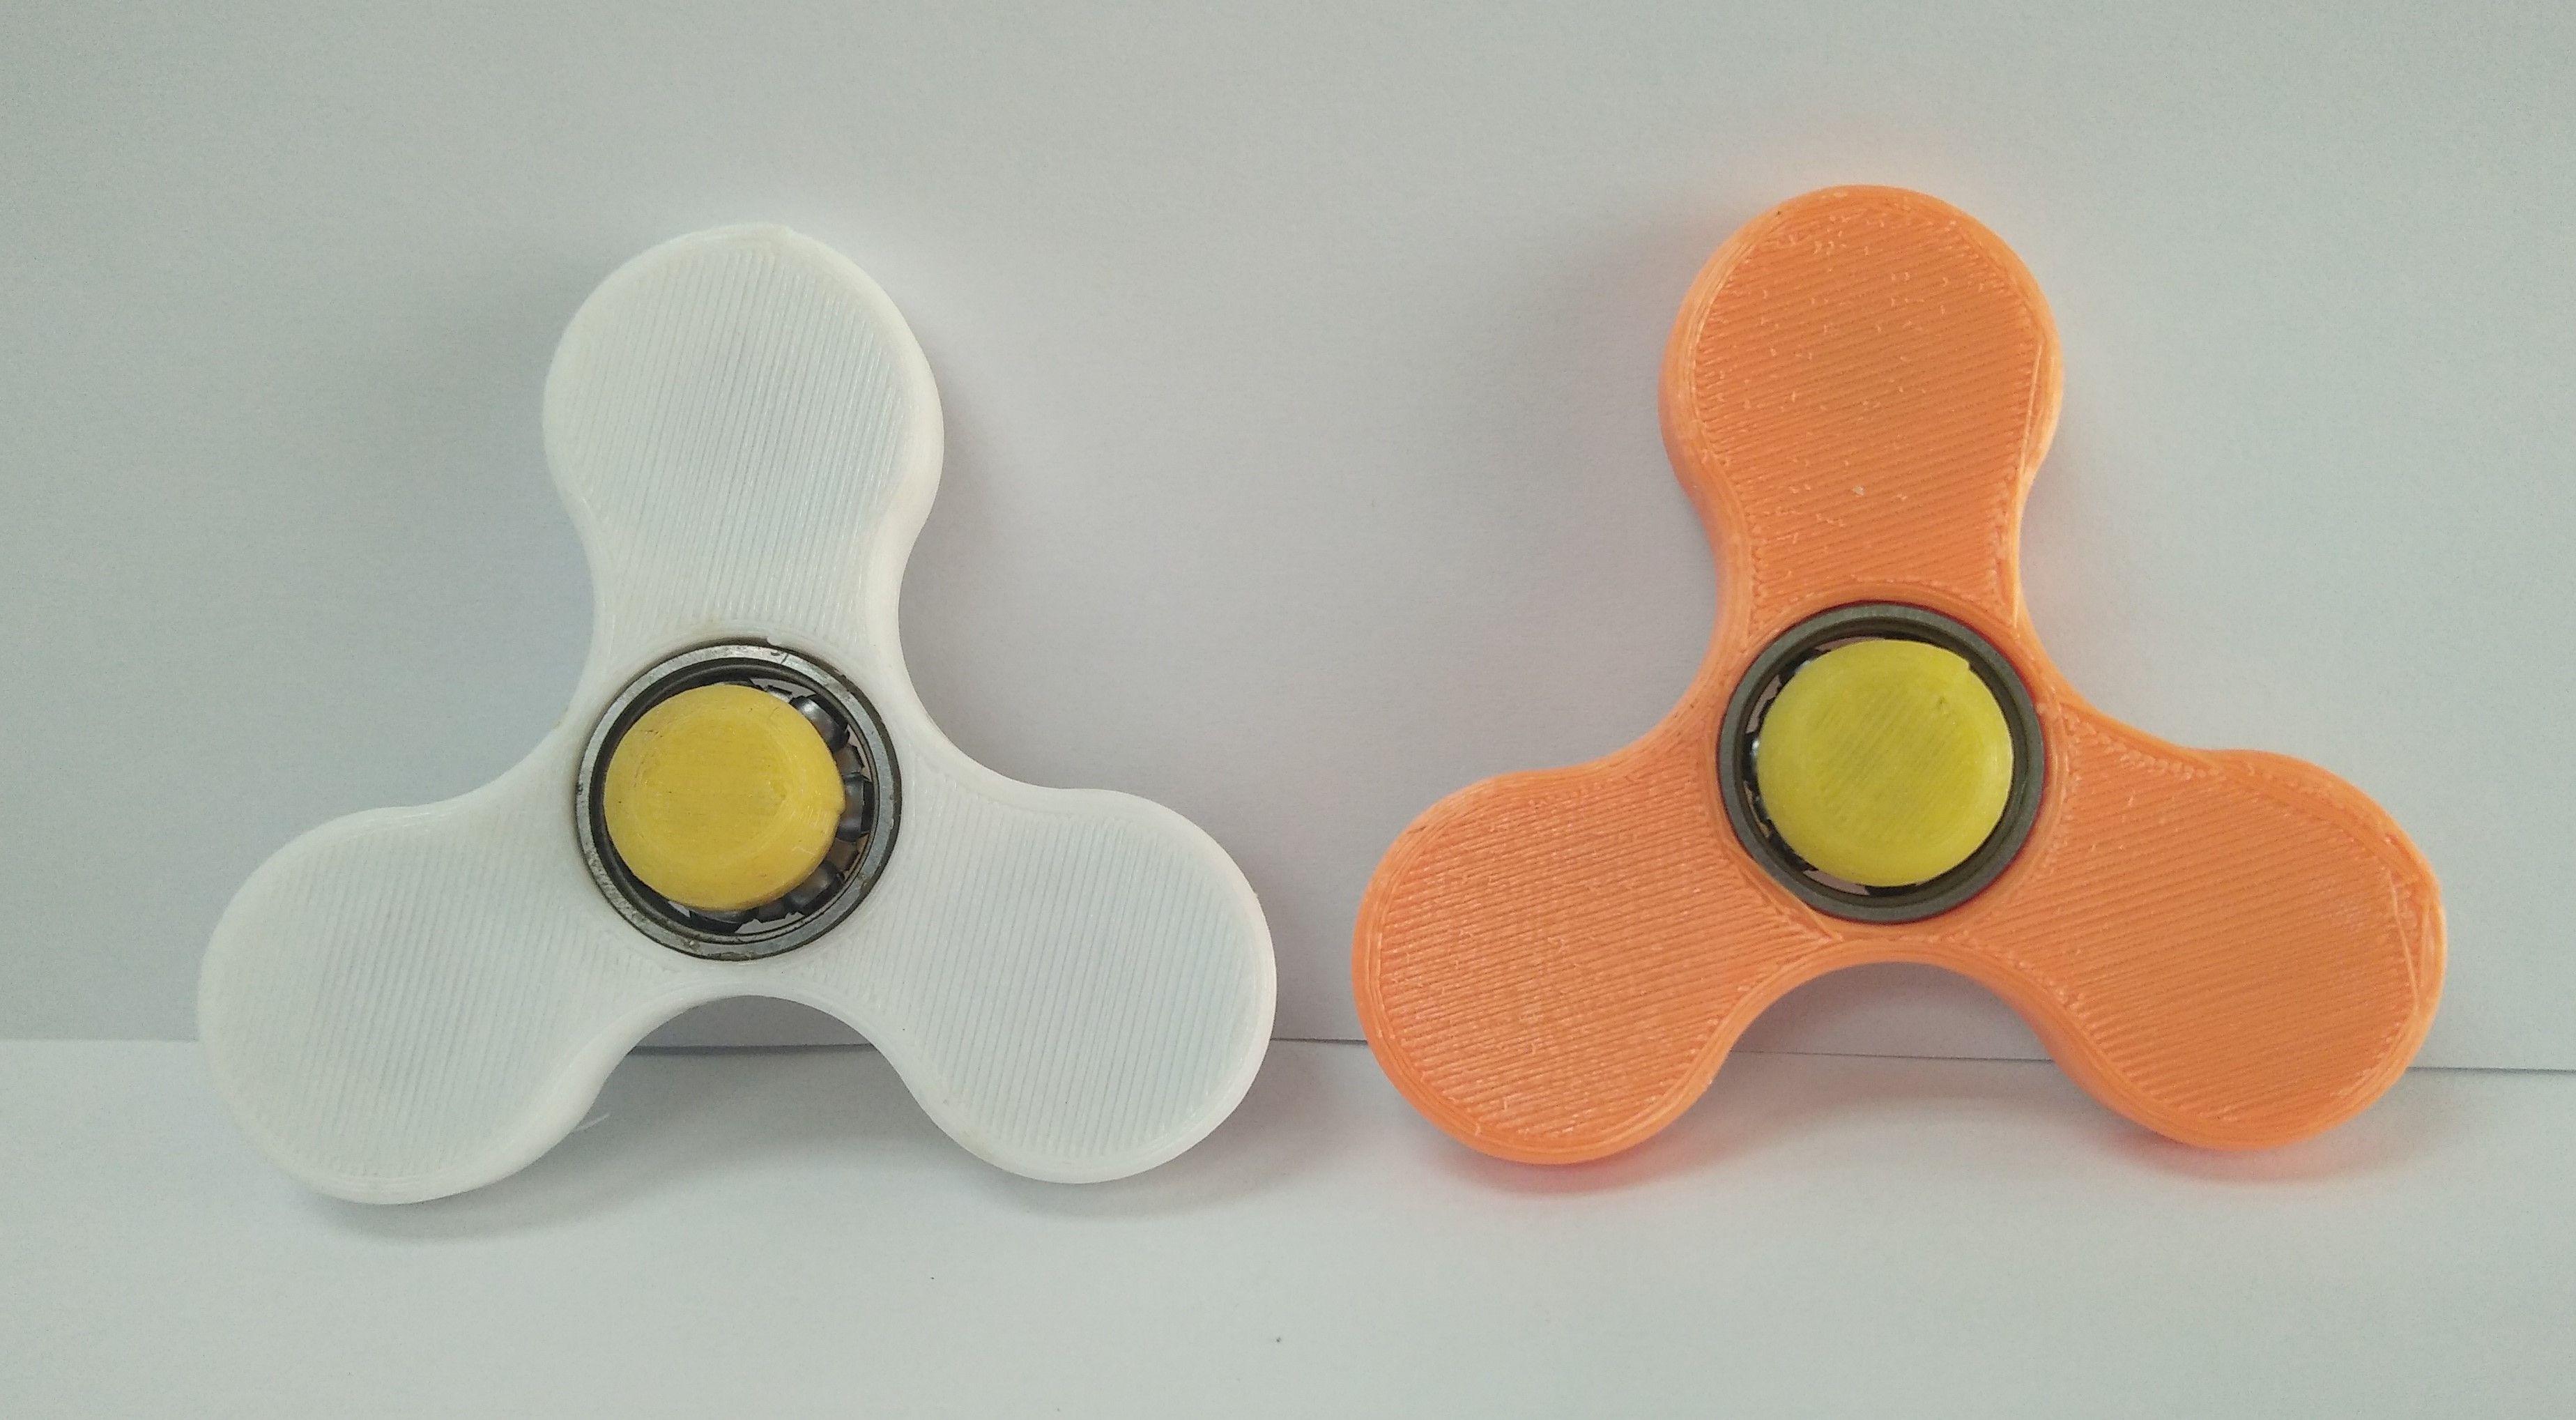 【玩具】 3D列印 指尖陀螺 (白色 橘色)